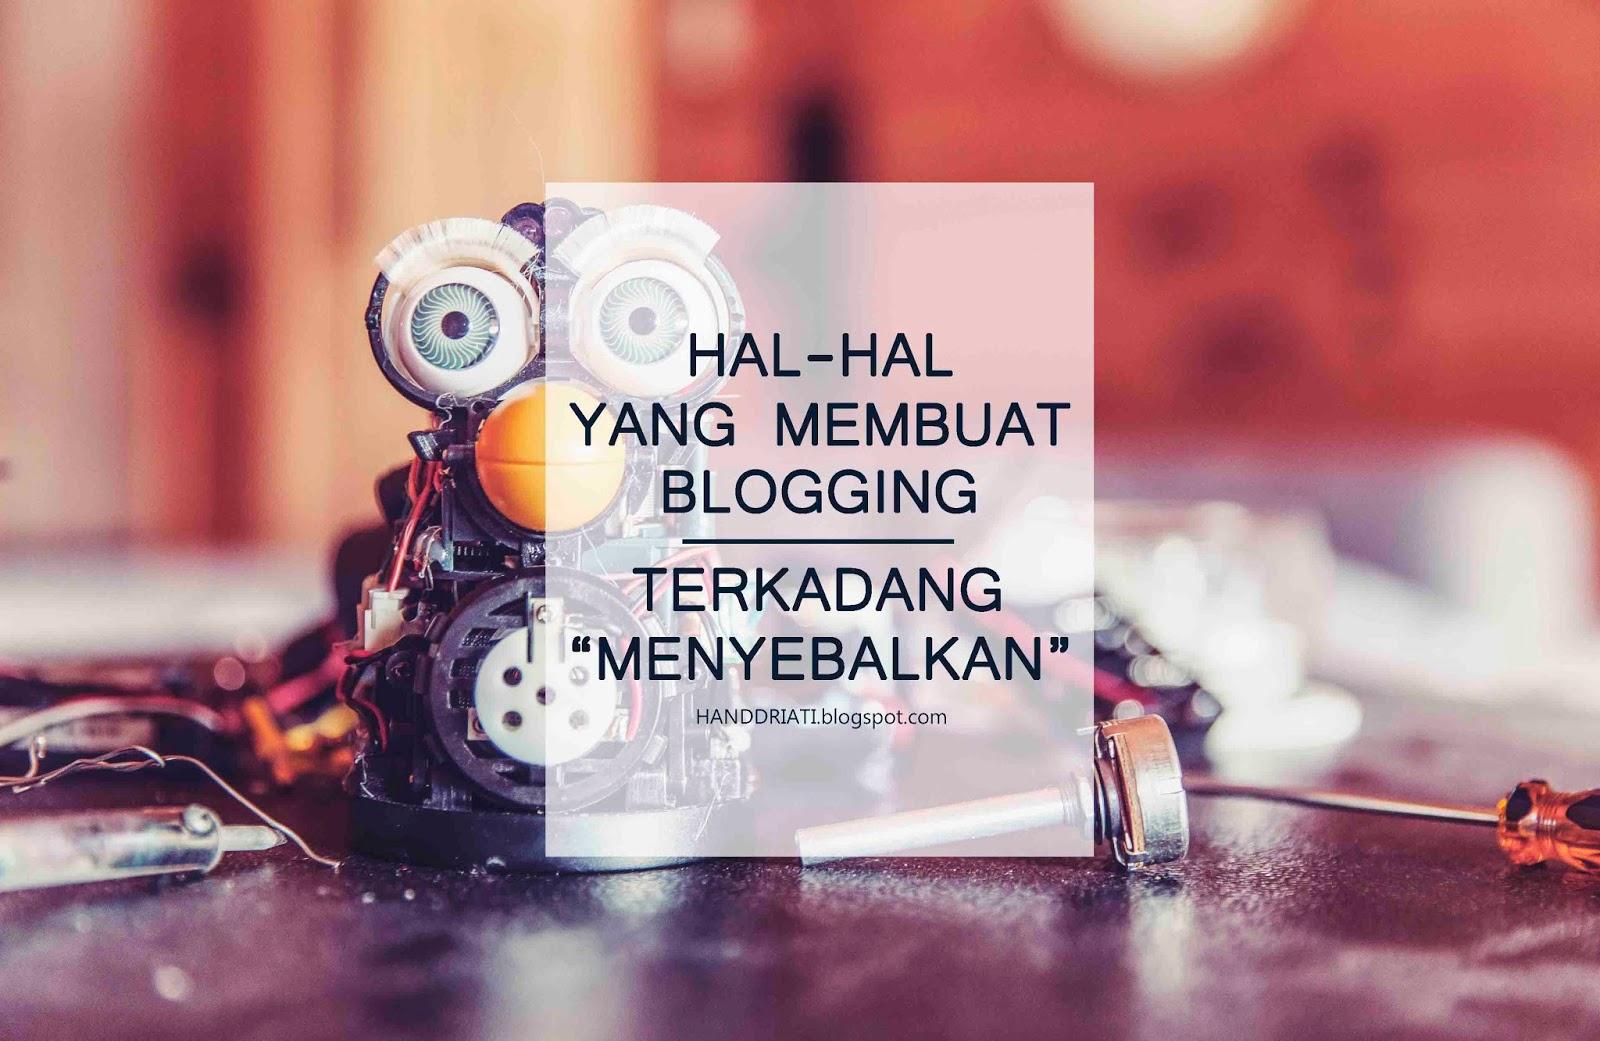 Hal-hal Yang Membuat Blogging Terkadang Menyebalkan